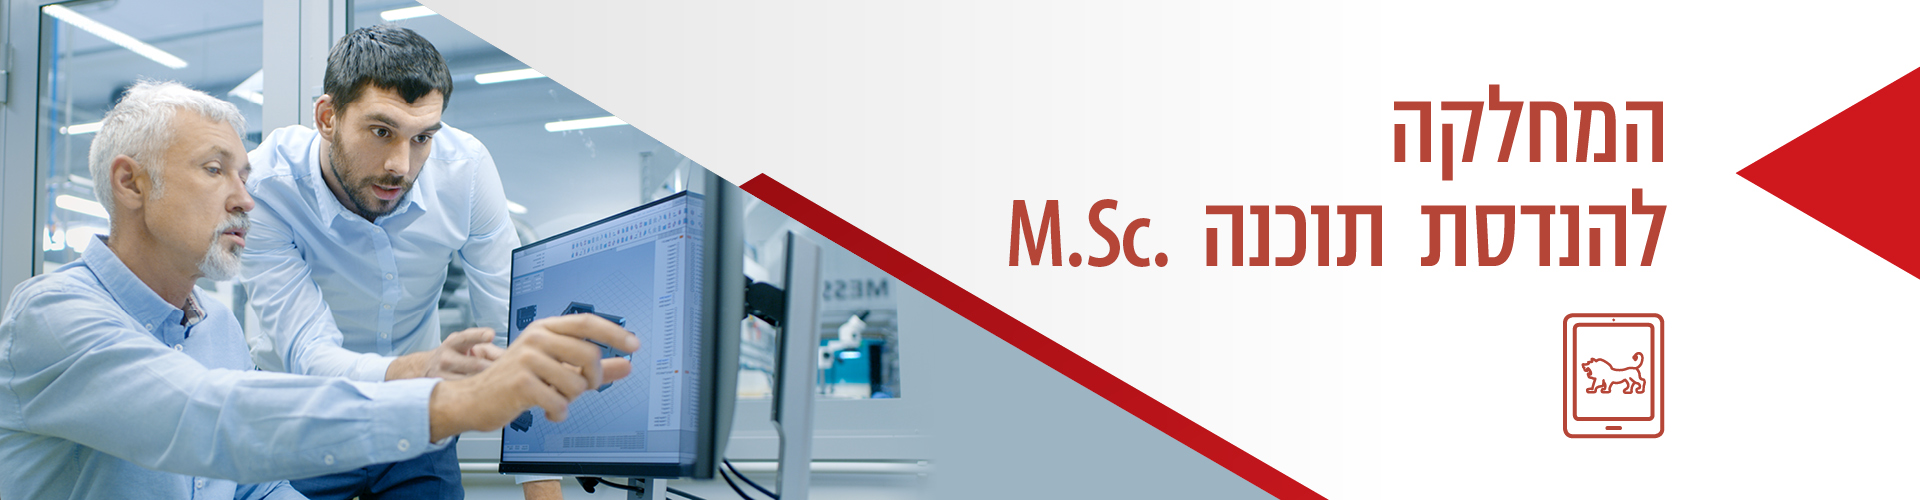 לימודי הנדסת תוכנה לתואר שני .M.Sc